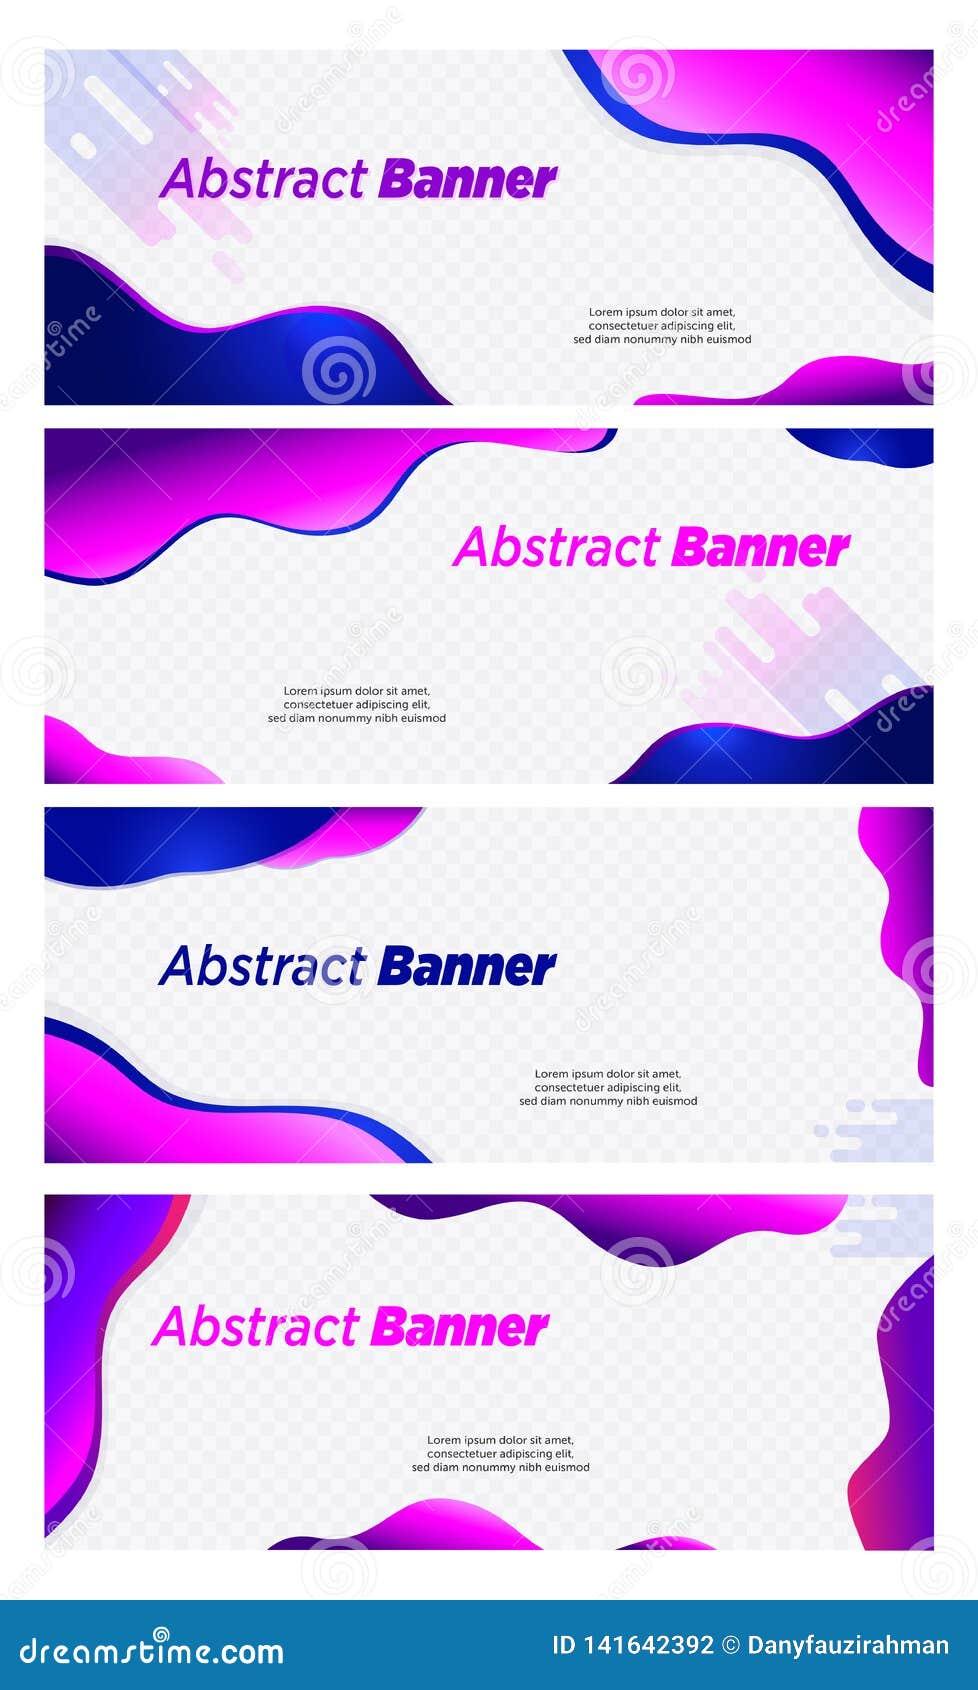 Violeta del vector del diseño de la burbuja del extracto de la bandera y jefe azul del color